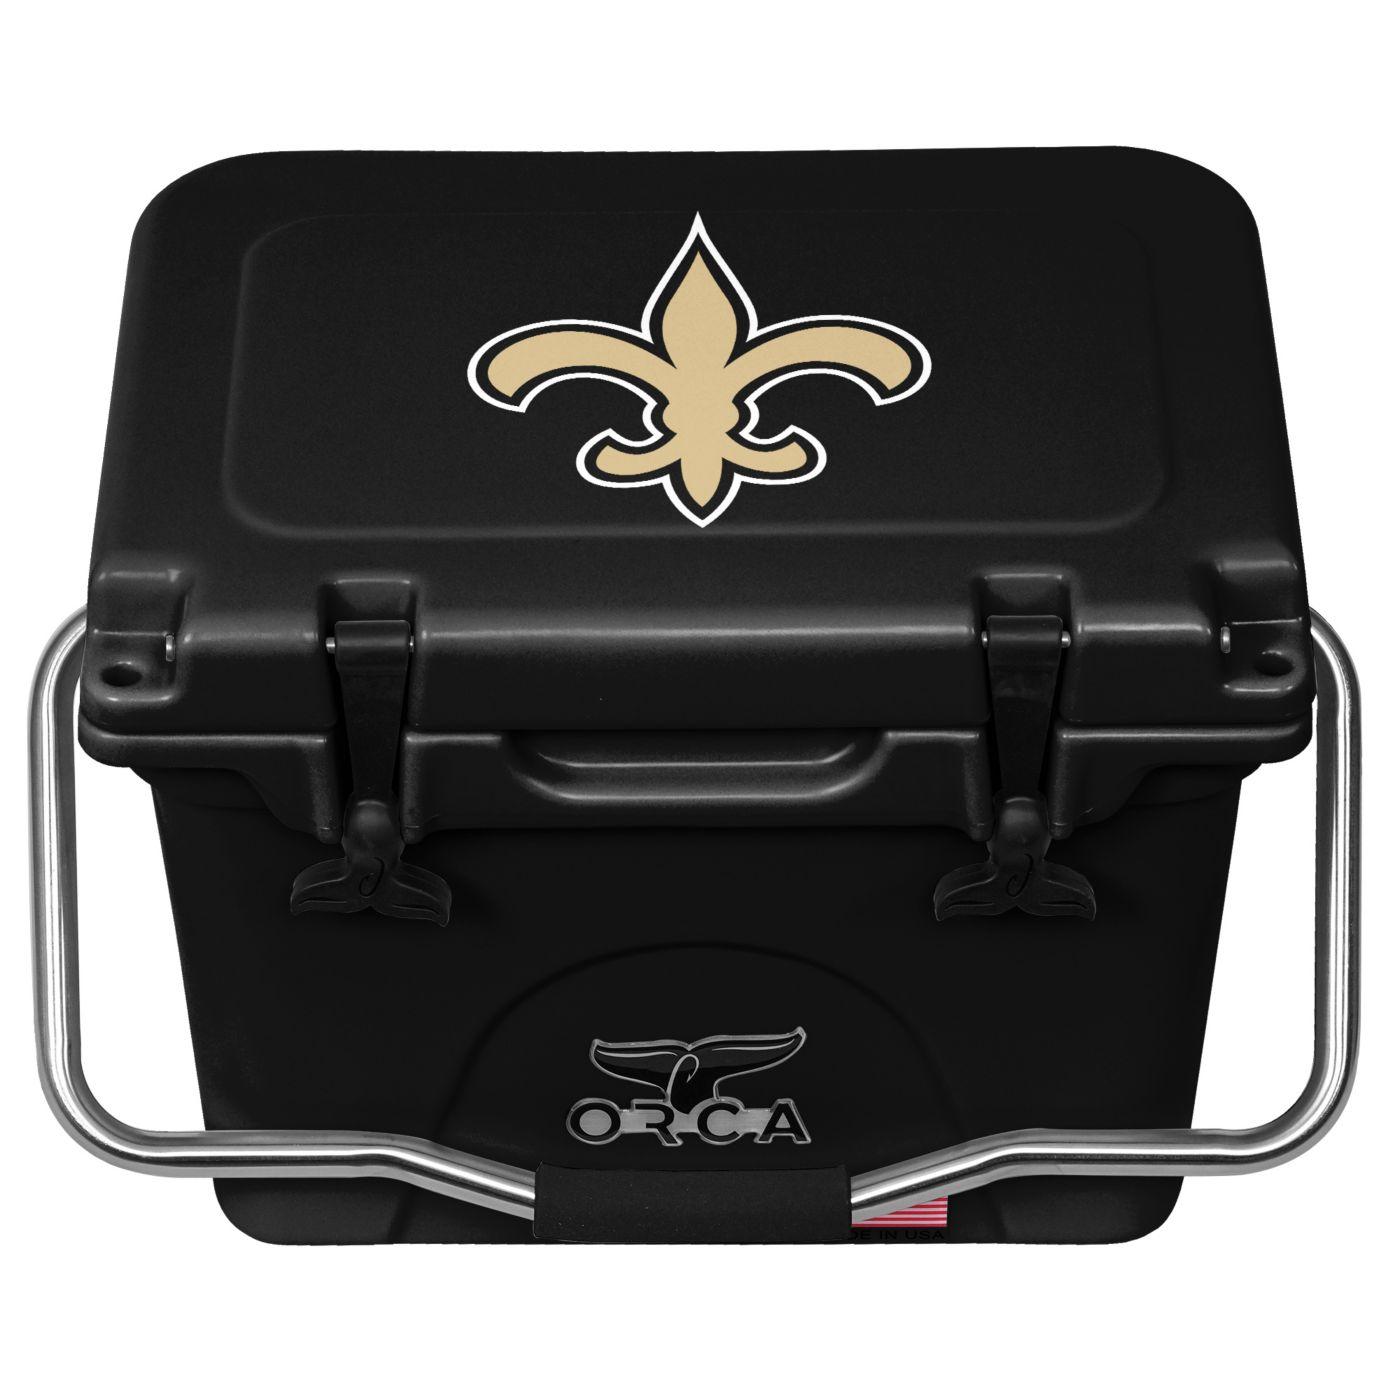 ORCA New Orleans Saints 20qt. Cooler